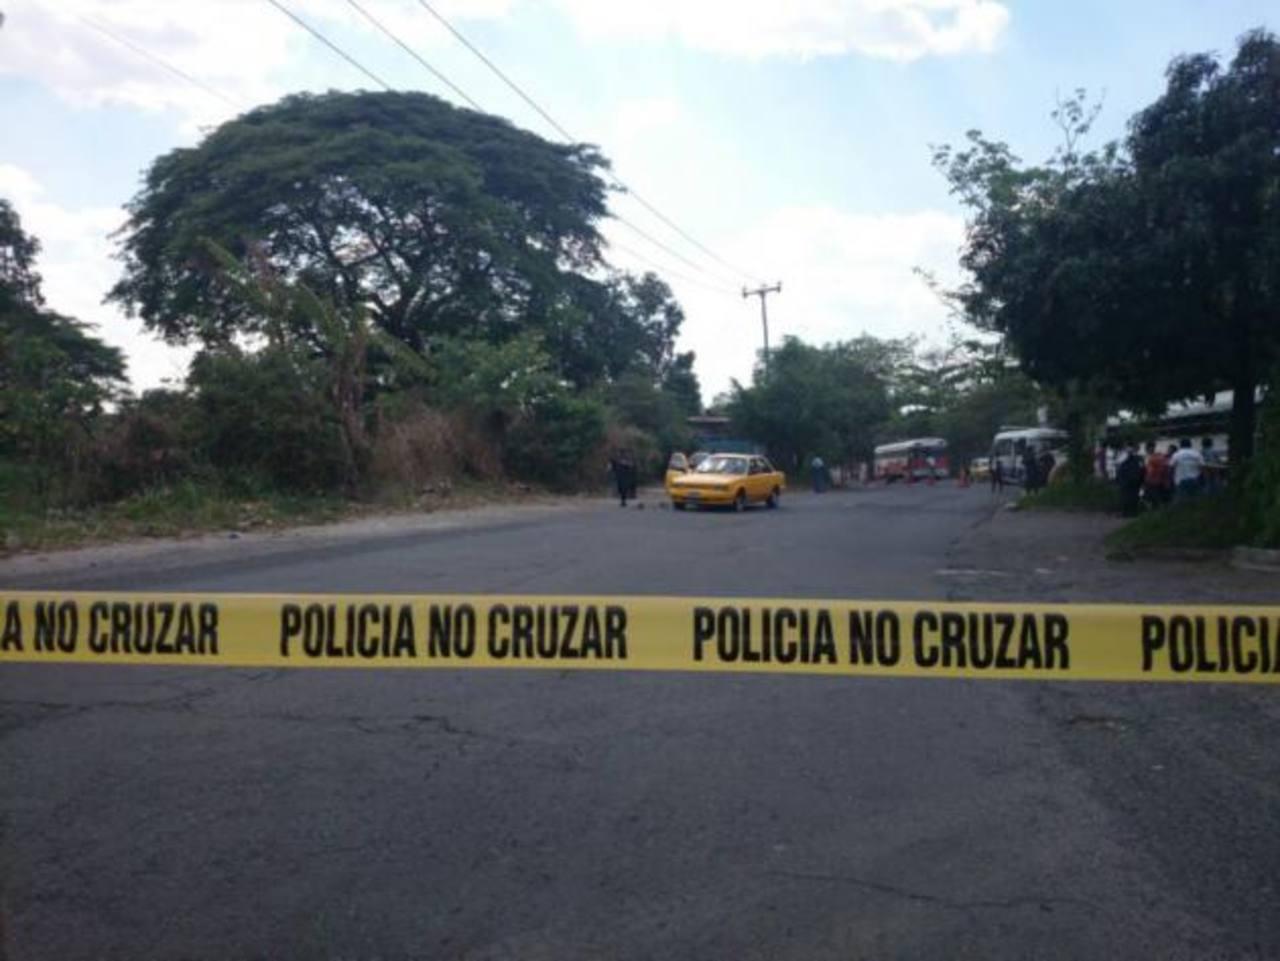 Este es el taxi en el que iban las cuatro víctimas, que fue atacado a balazos a la altura de Villa Hermosa, Cuscatancingo.